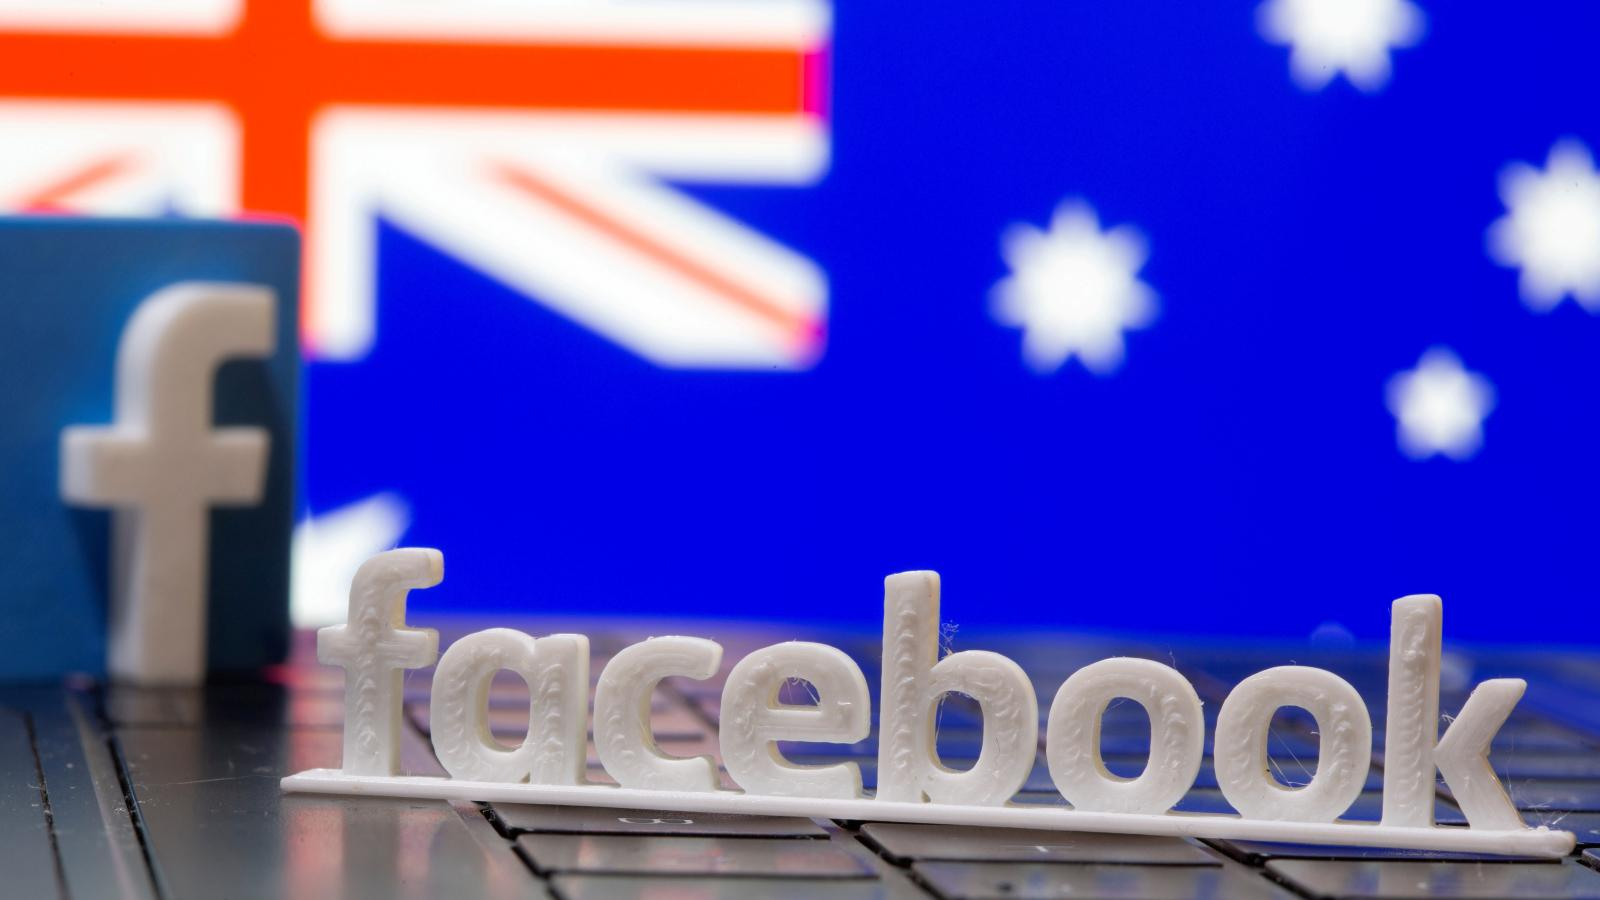 फेसबुकले अस्ट्रेलियामा न्यूज कोर्पलाई समाचारका लागि पैसा दिने